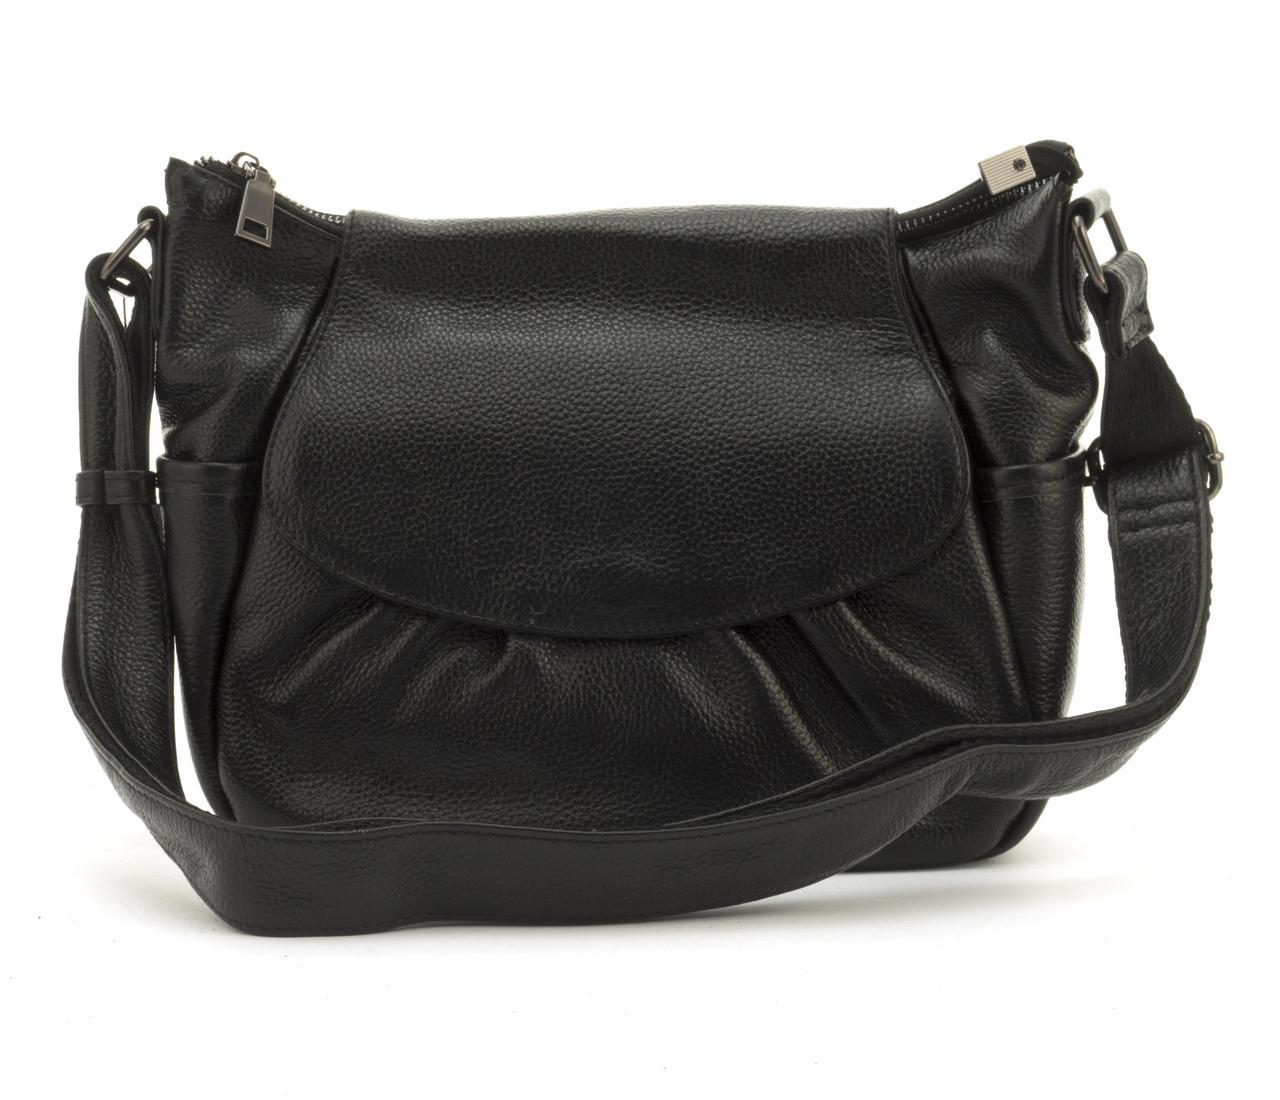 Стильная  женская мягкая сумка из натуральной кожи GALANTY art. 6068 Турция черная